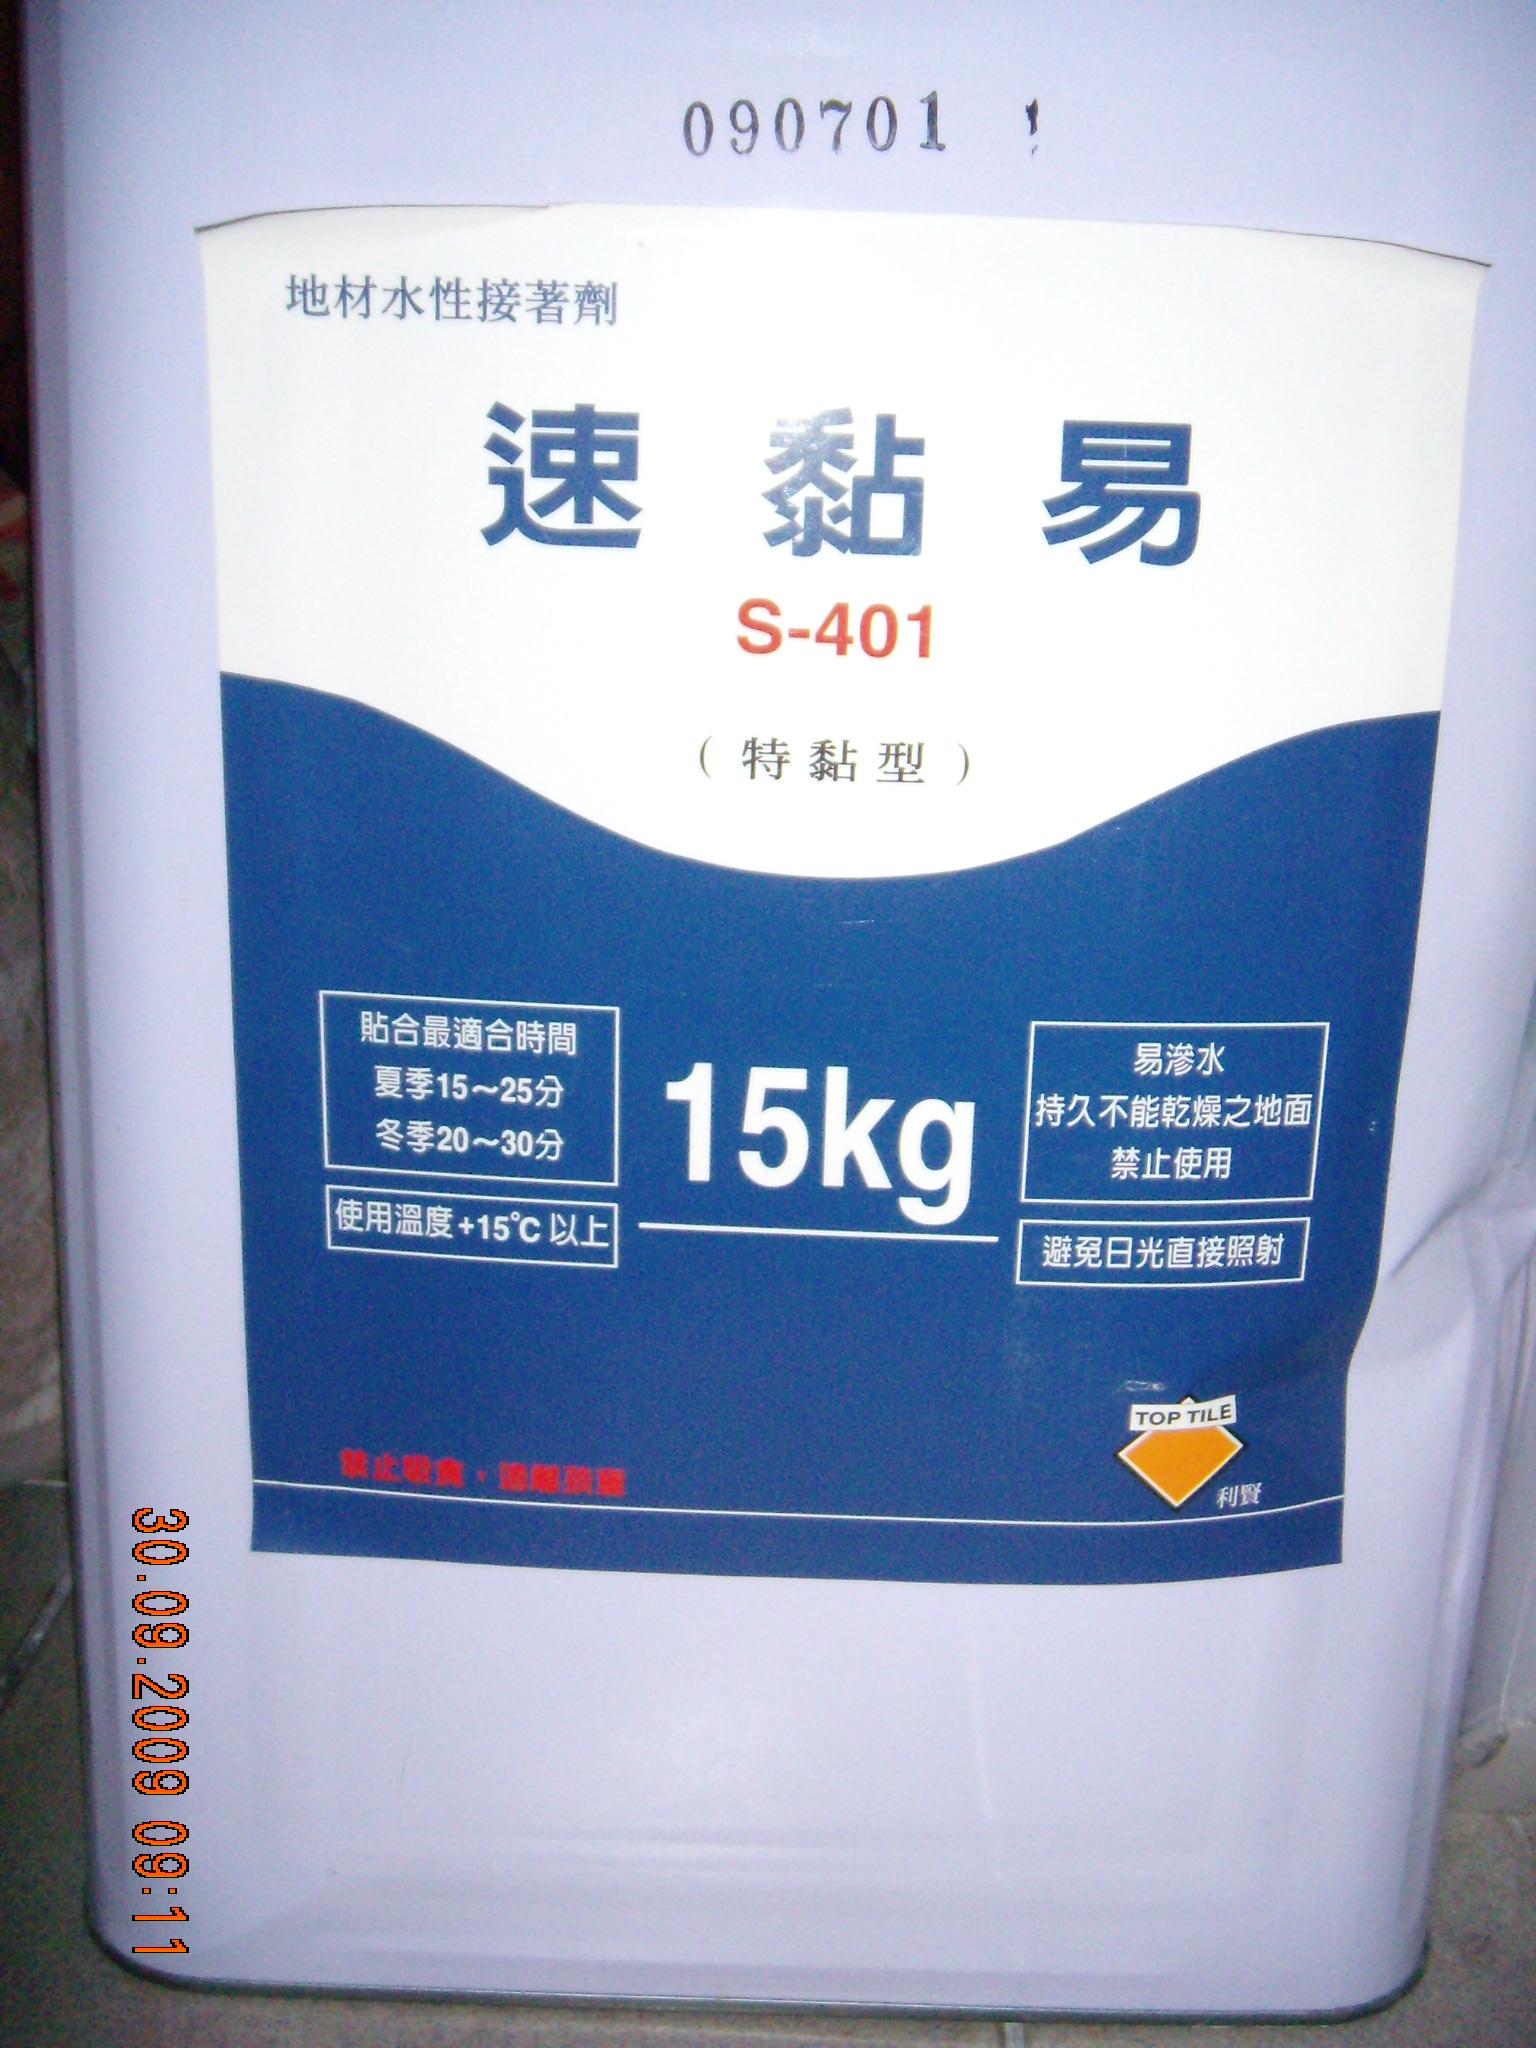 DSCN4466.JPG